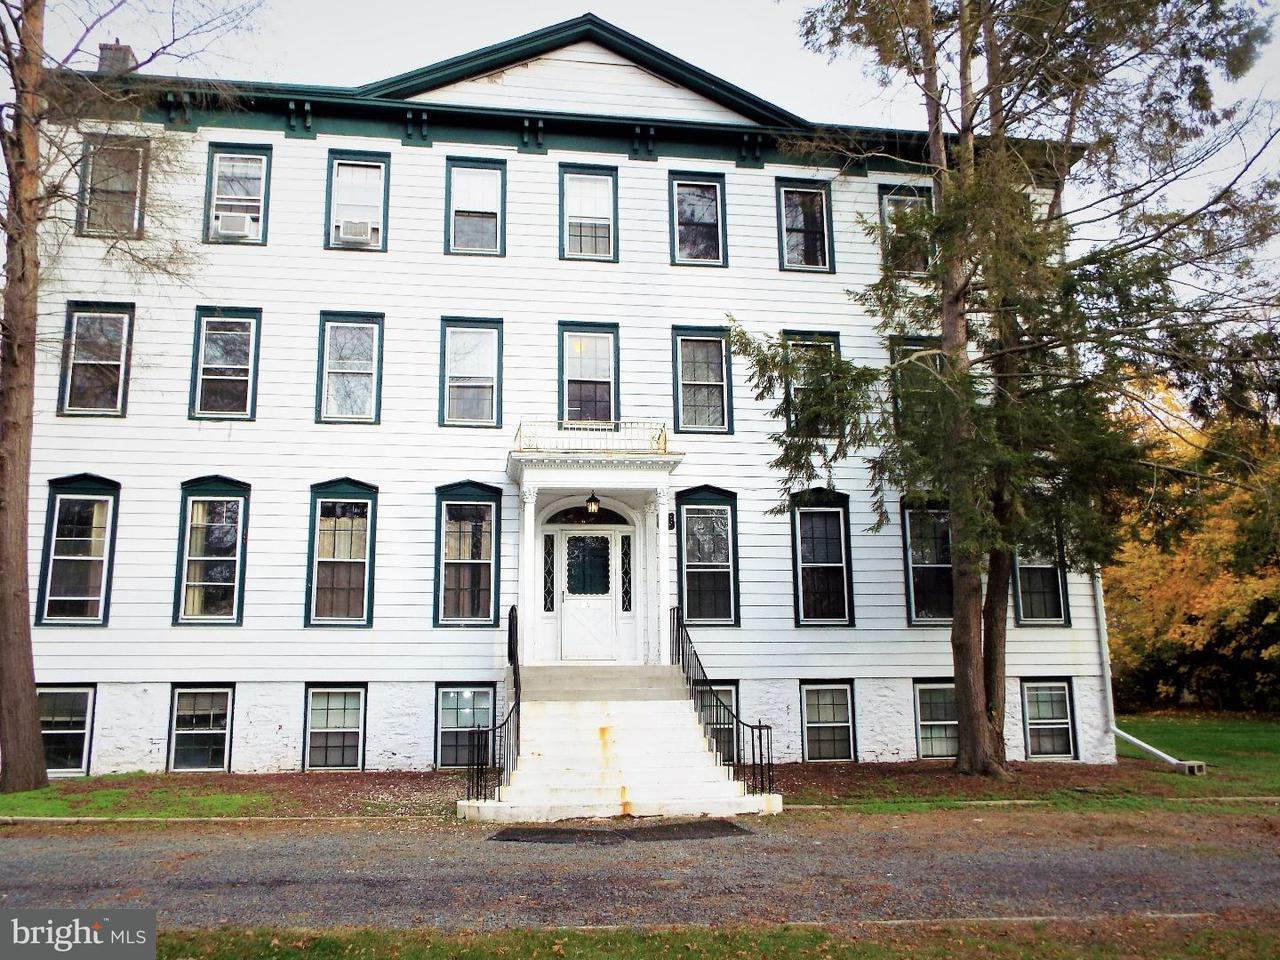 Casa Unifamiliar por un Alquiler en 96 N MAIN ST #5 Cranbury, Nueva Jersey 08512 Estados UnidosEn/Alrededor: Cranbury Township